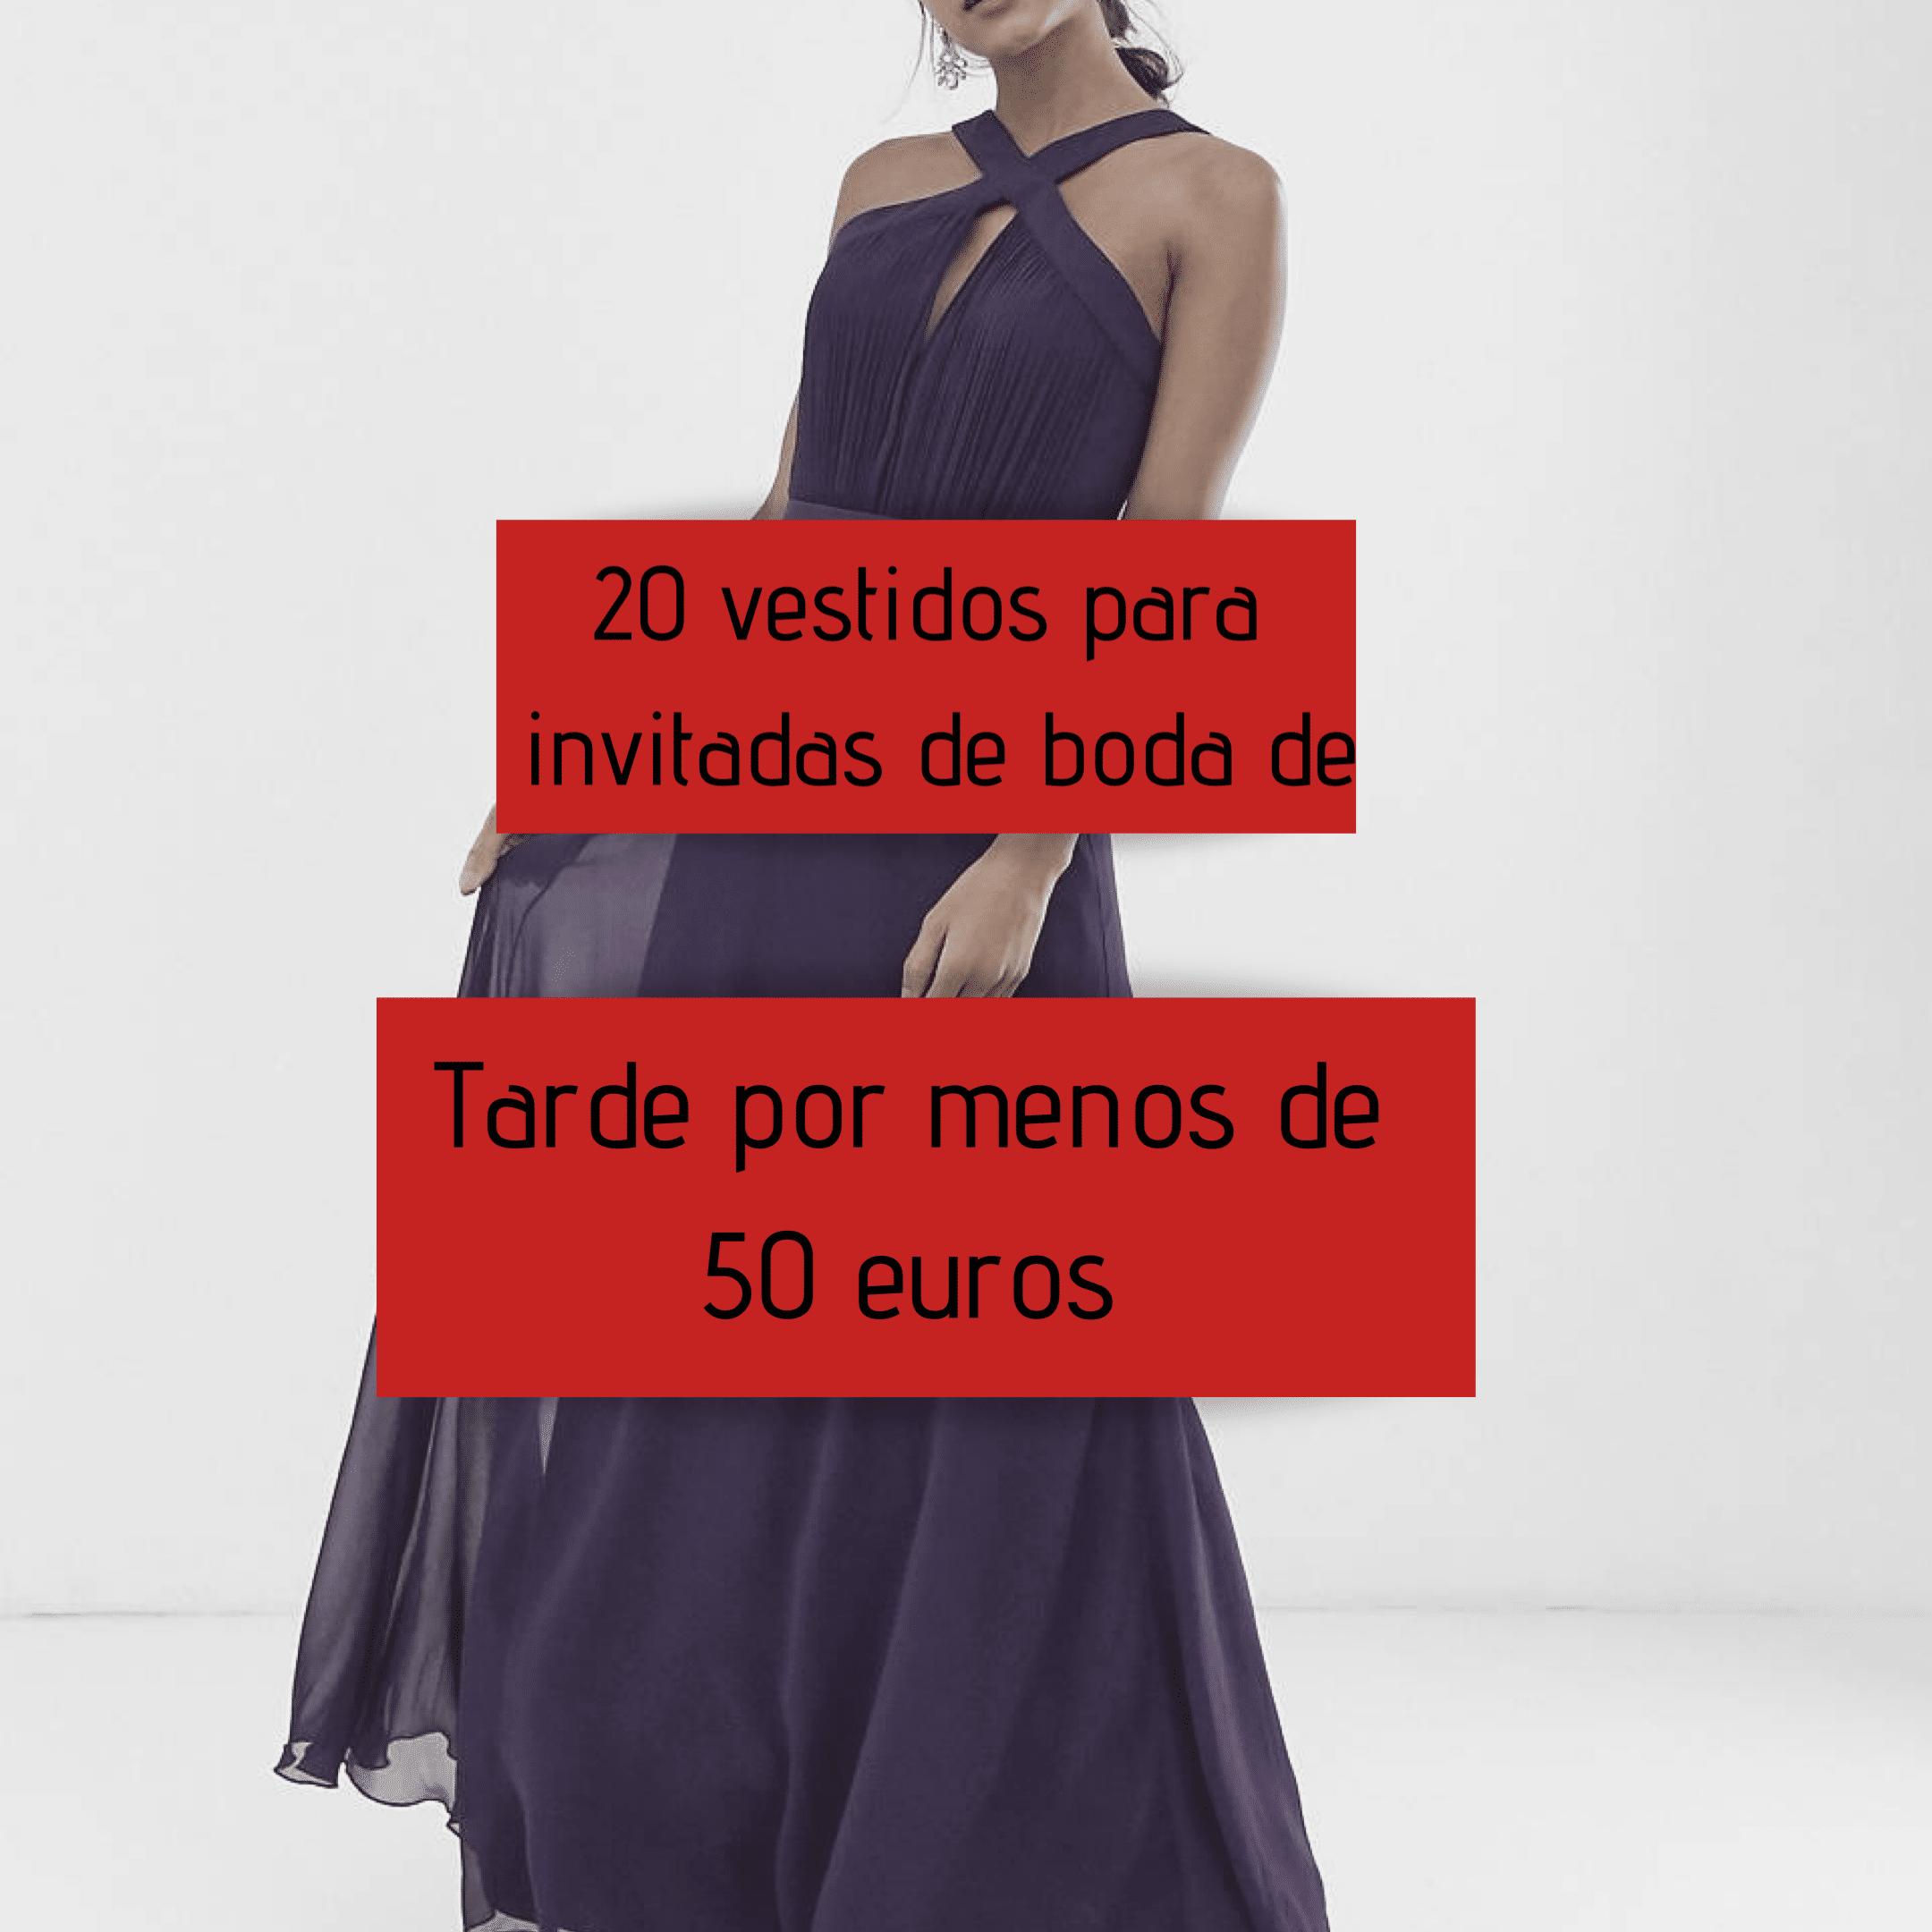 20 vestidos para invitadas de boda de tarde por menos de  50€